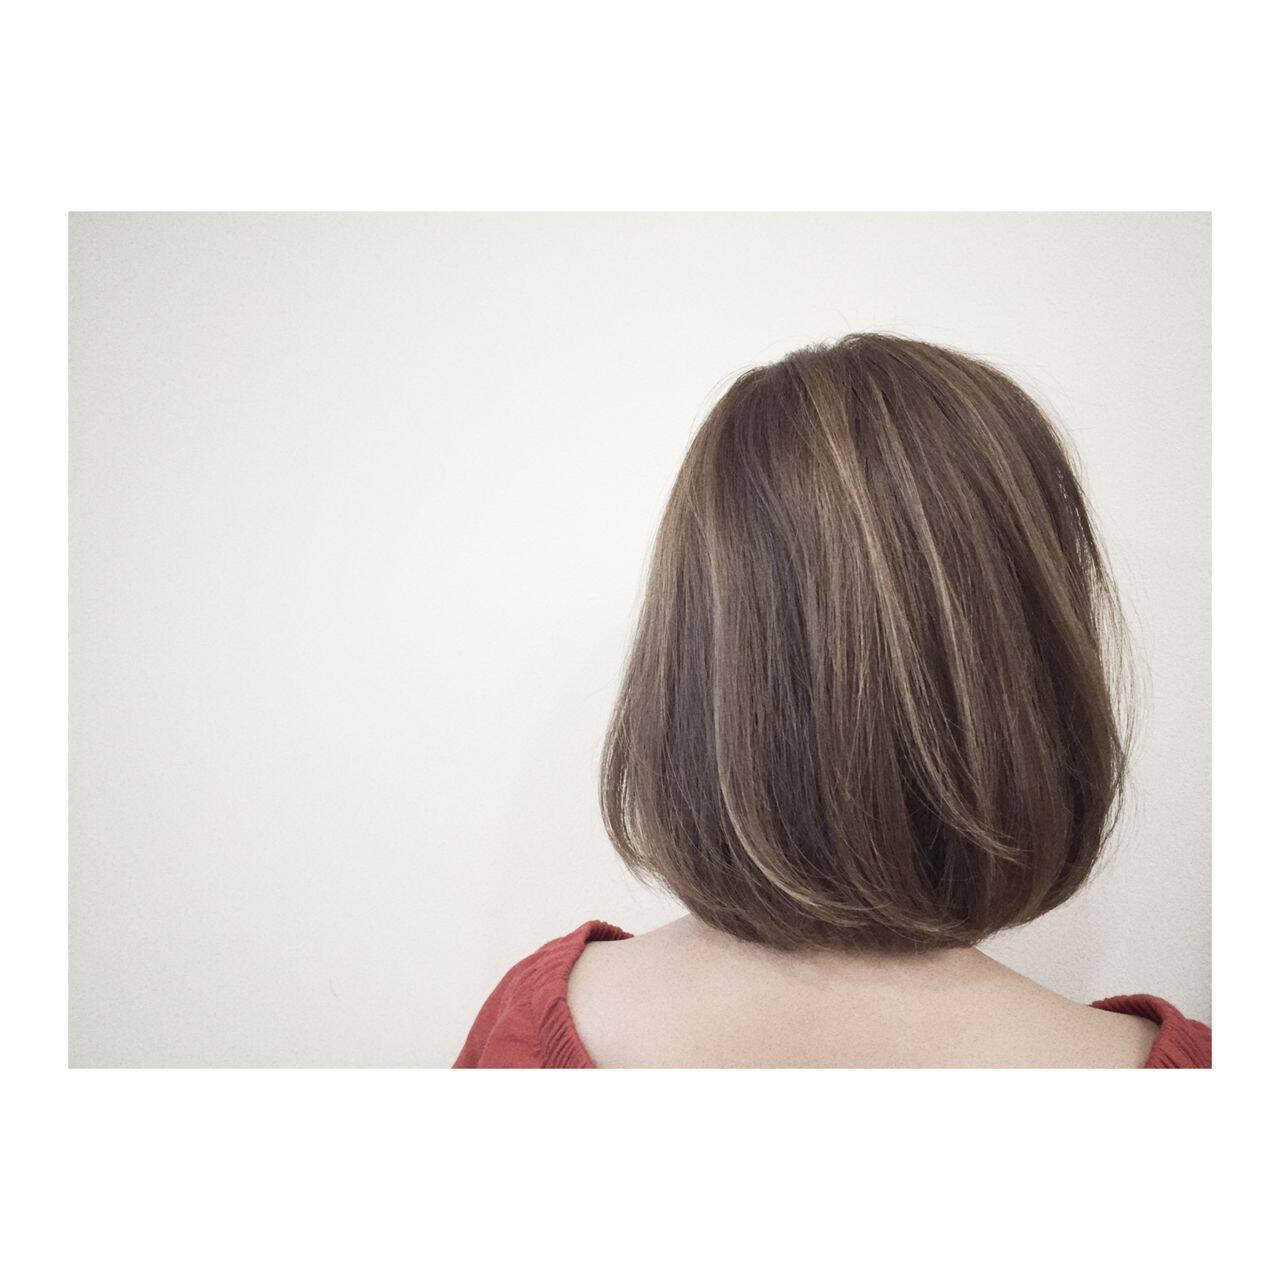 ミディアム マルサラ 大人かわいい ウェットヘアヘアスタイルや髪型の写真・画像